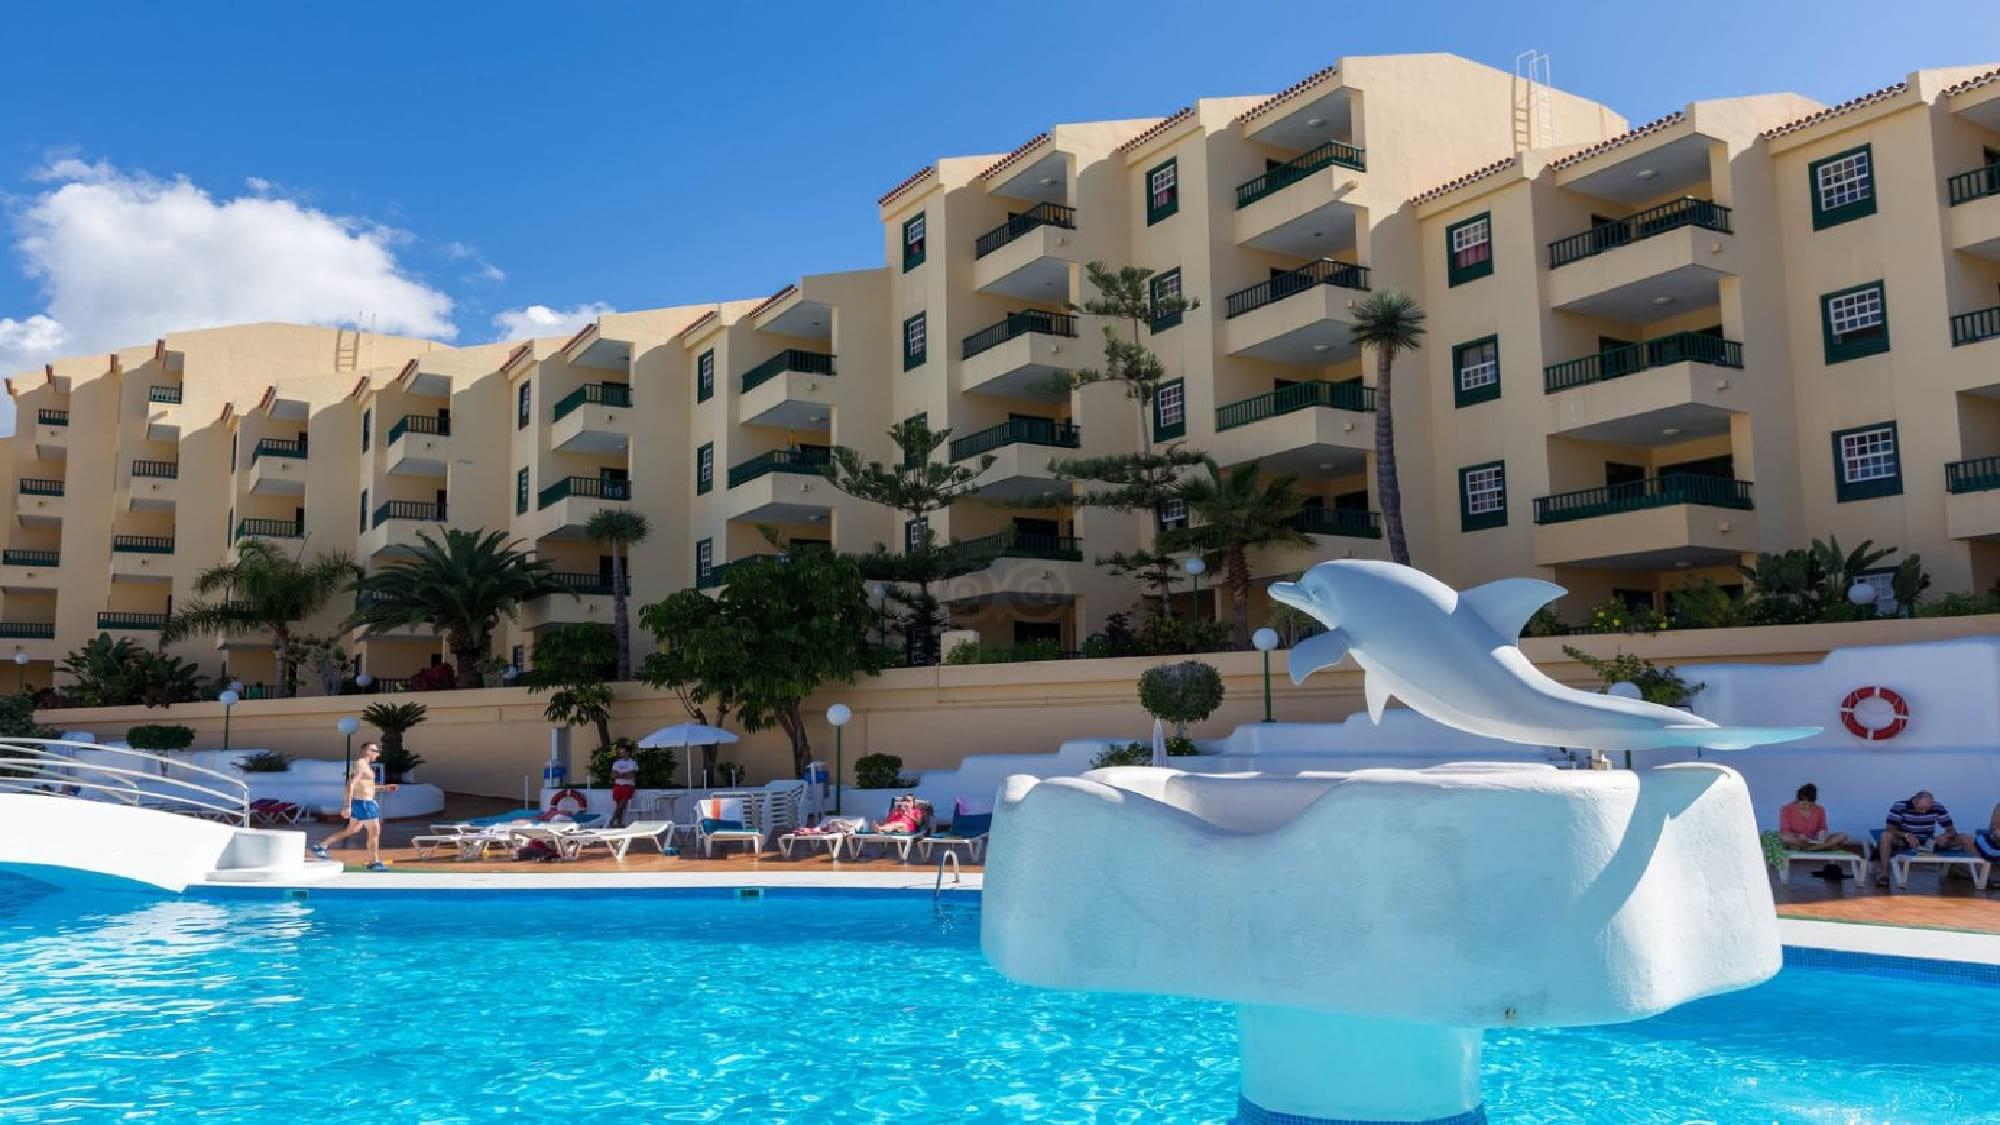 LAGUNA PARK 2 Hotel (Playa de las Americas, Spagna ...